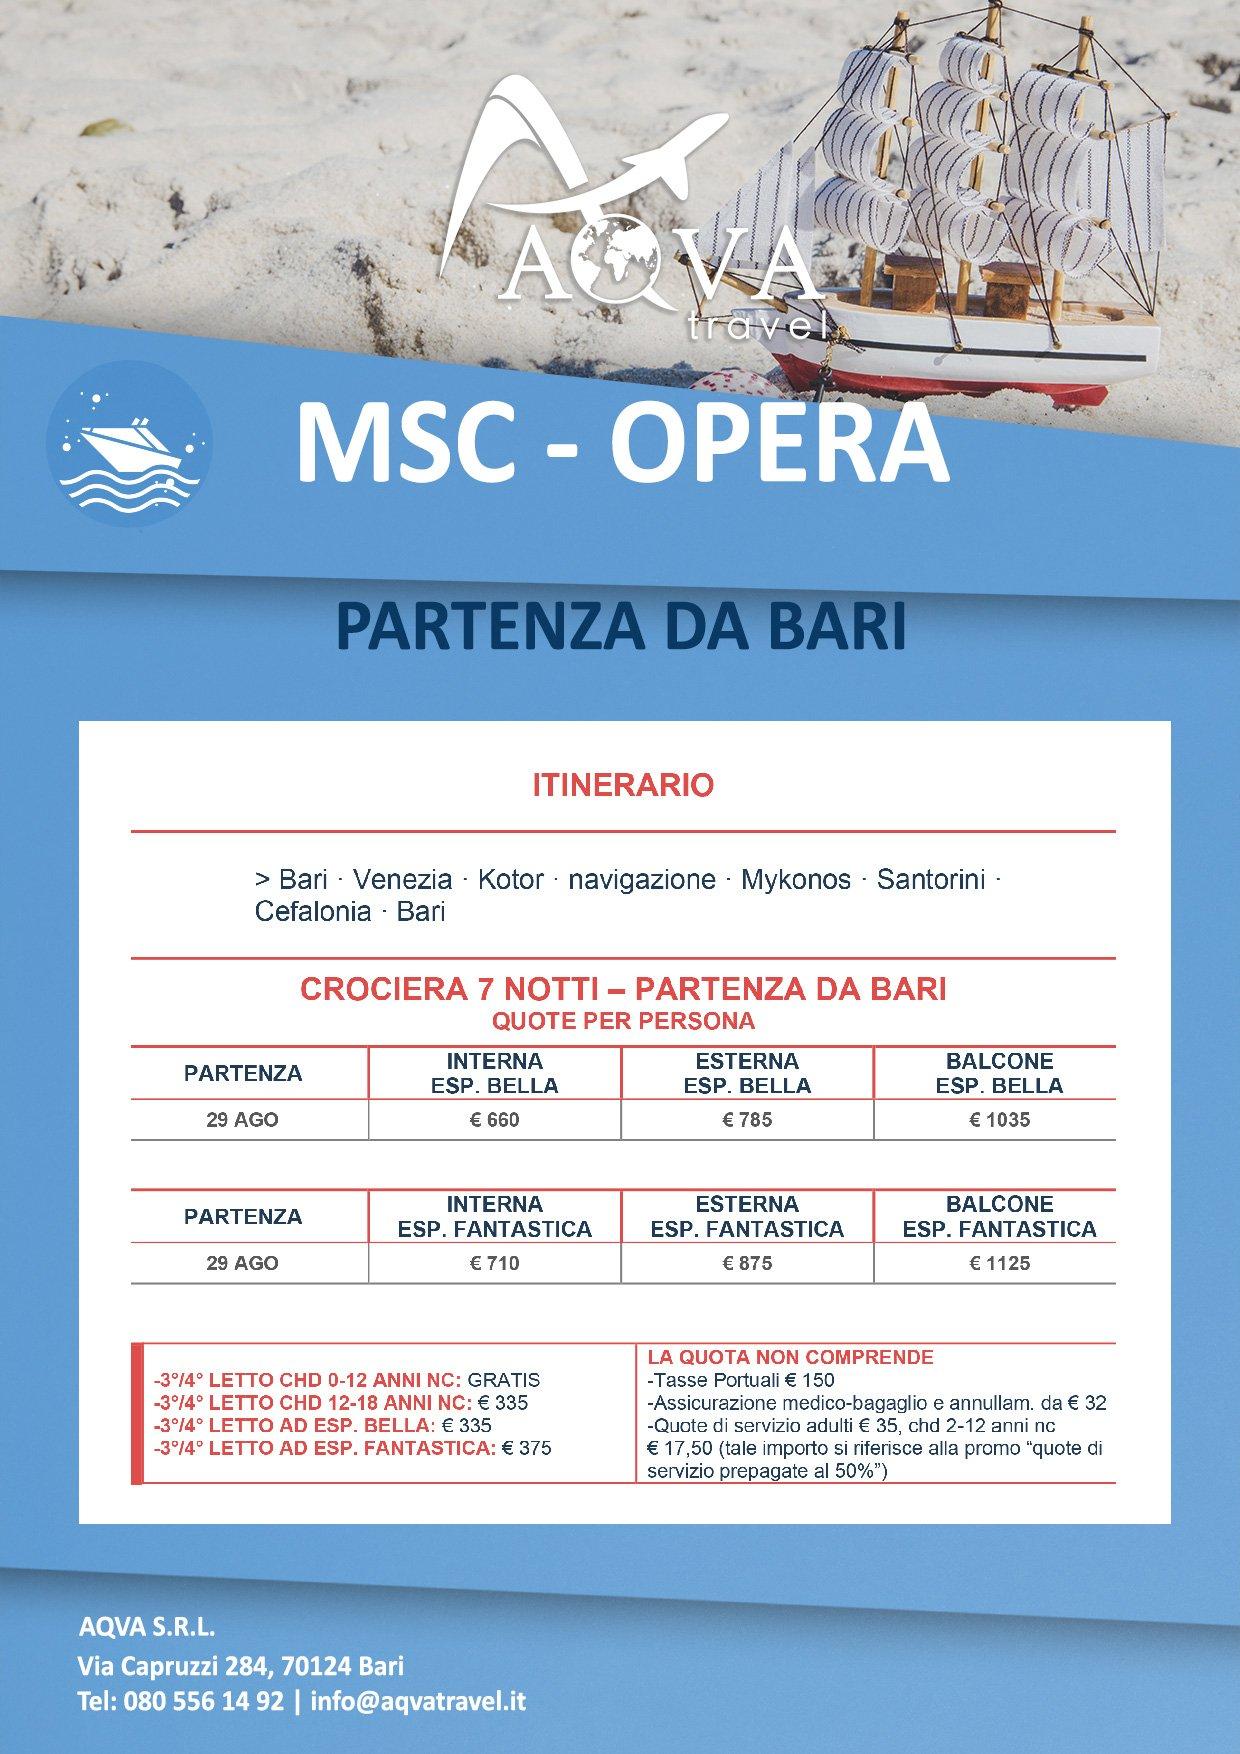 MSC-OPERA-Crociera-offerte-agenzia-di-viaggi-Bari-AQVATRAVEL-it